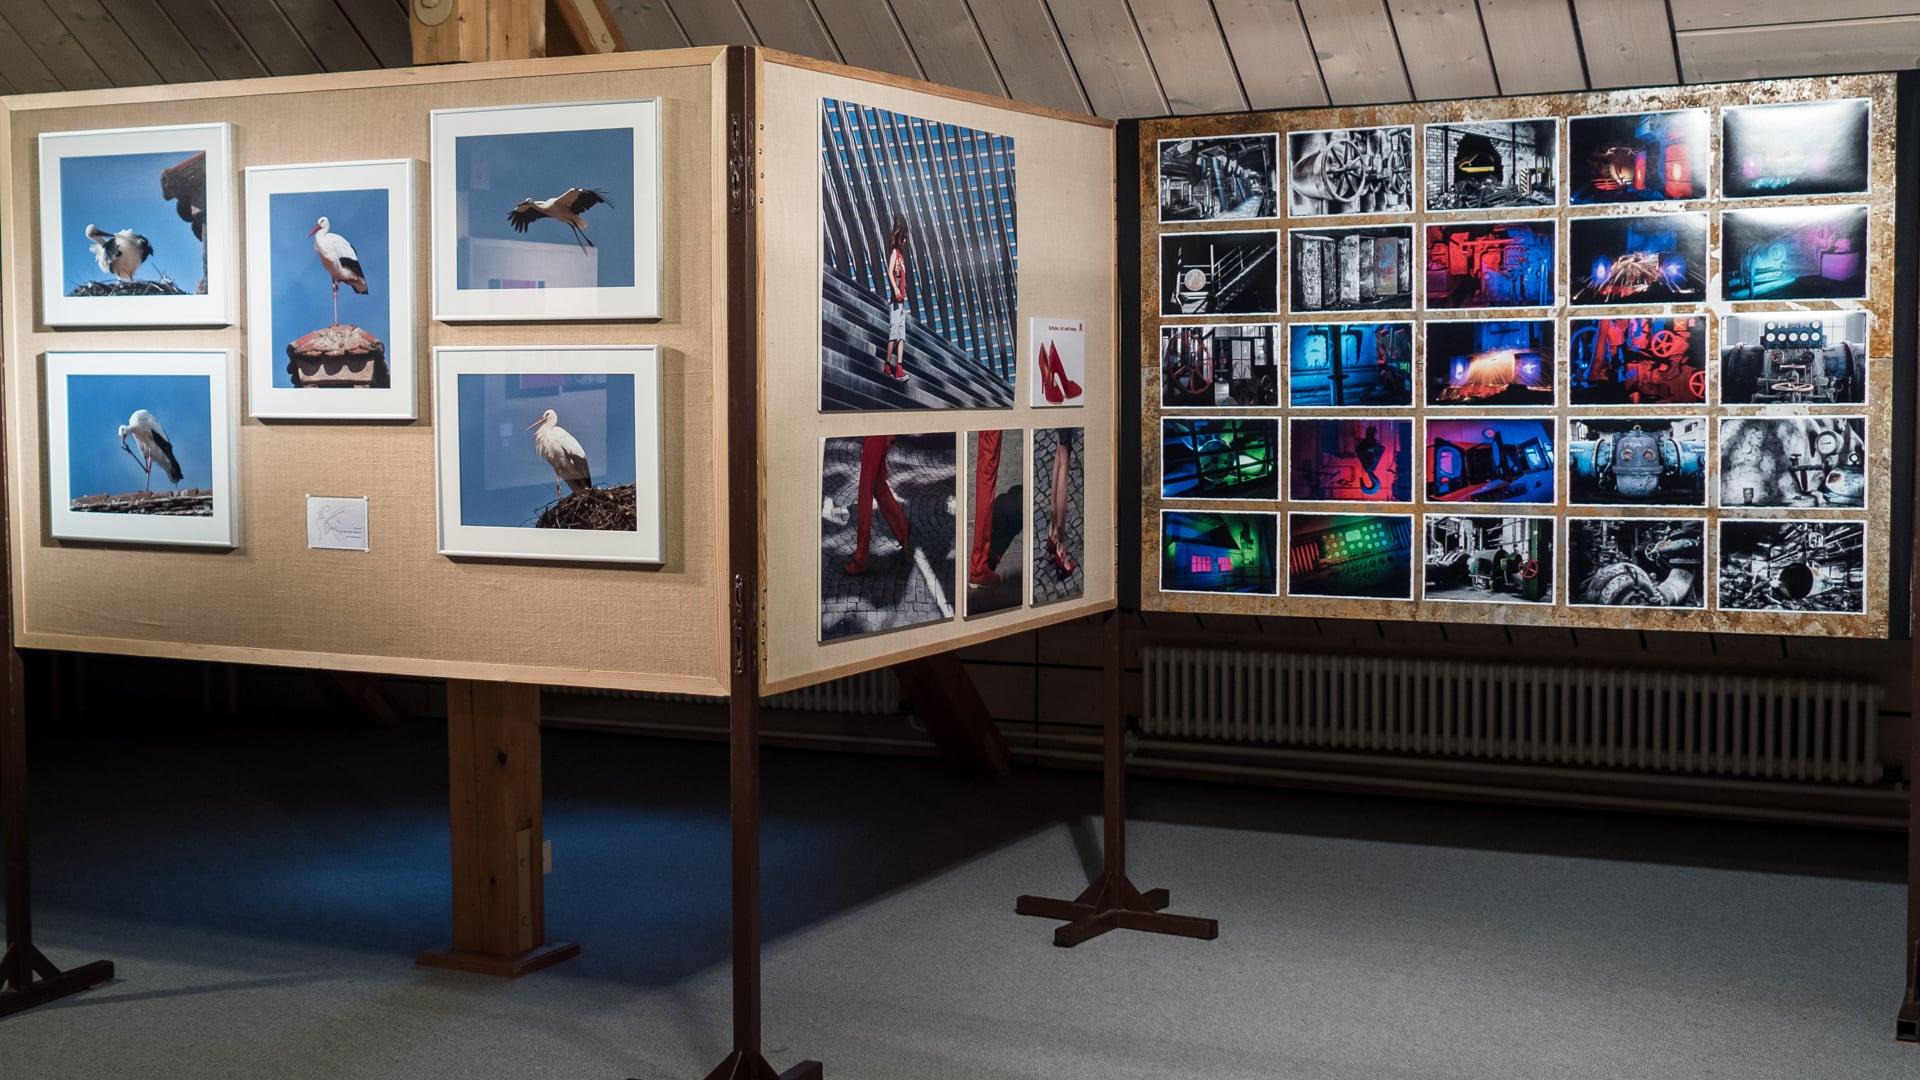 46. Herrieder Fotoaustellung – Ausschreibung